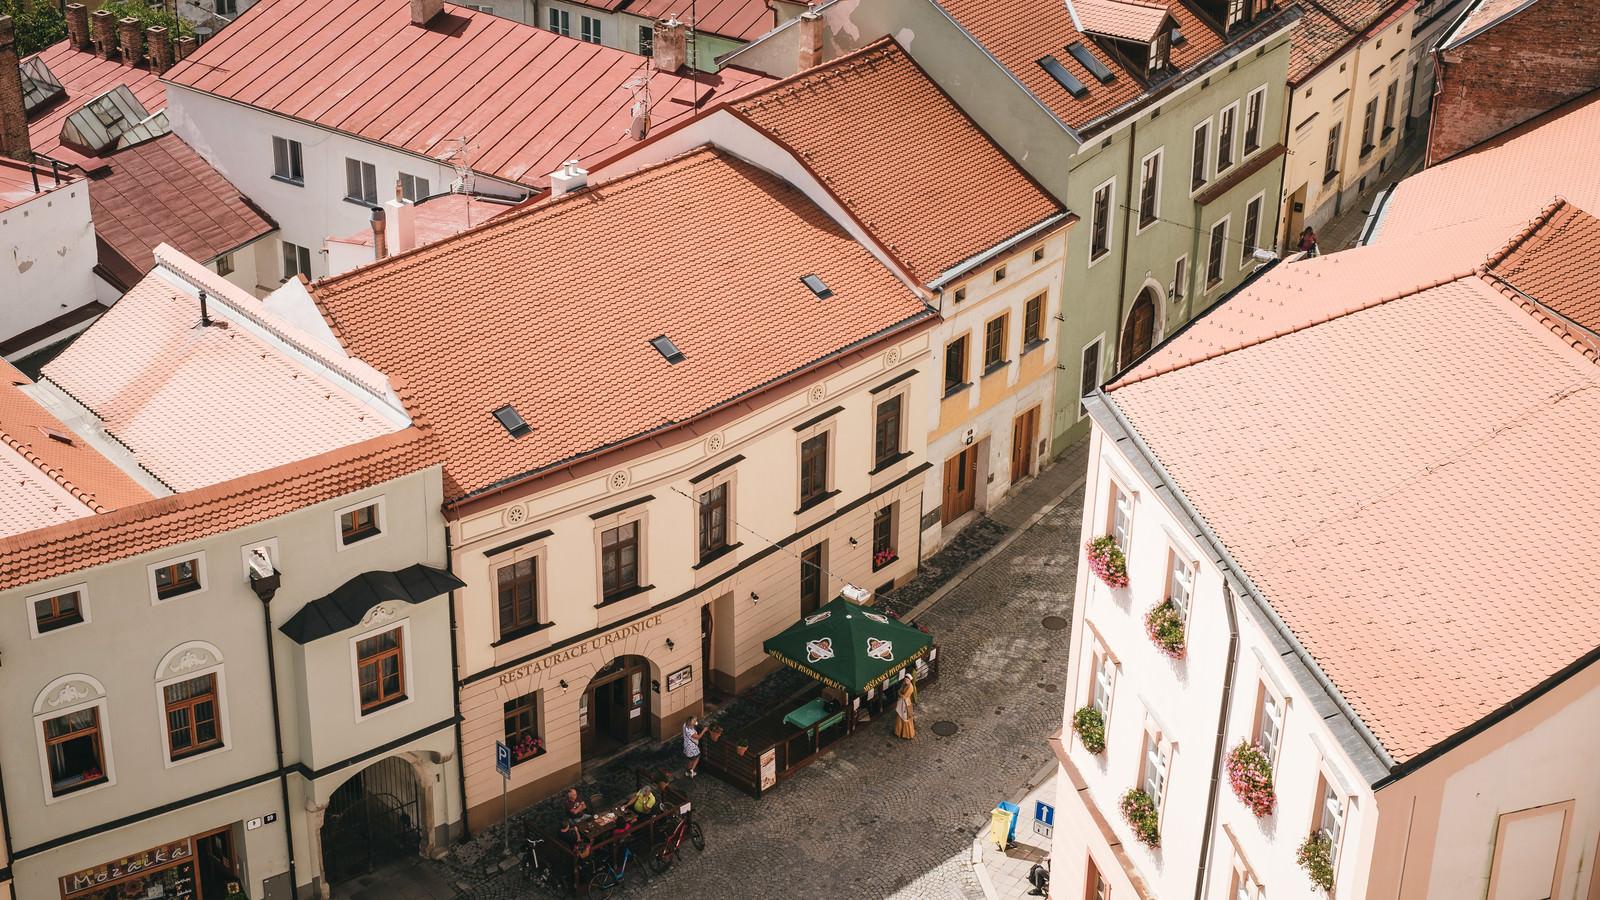 「ズノイモ市の通りにあるオープンカフェ(チェコ共和国)」の写真